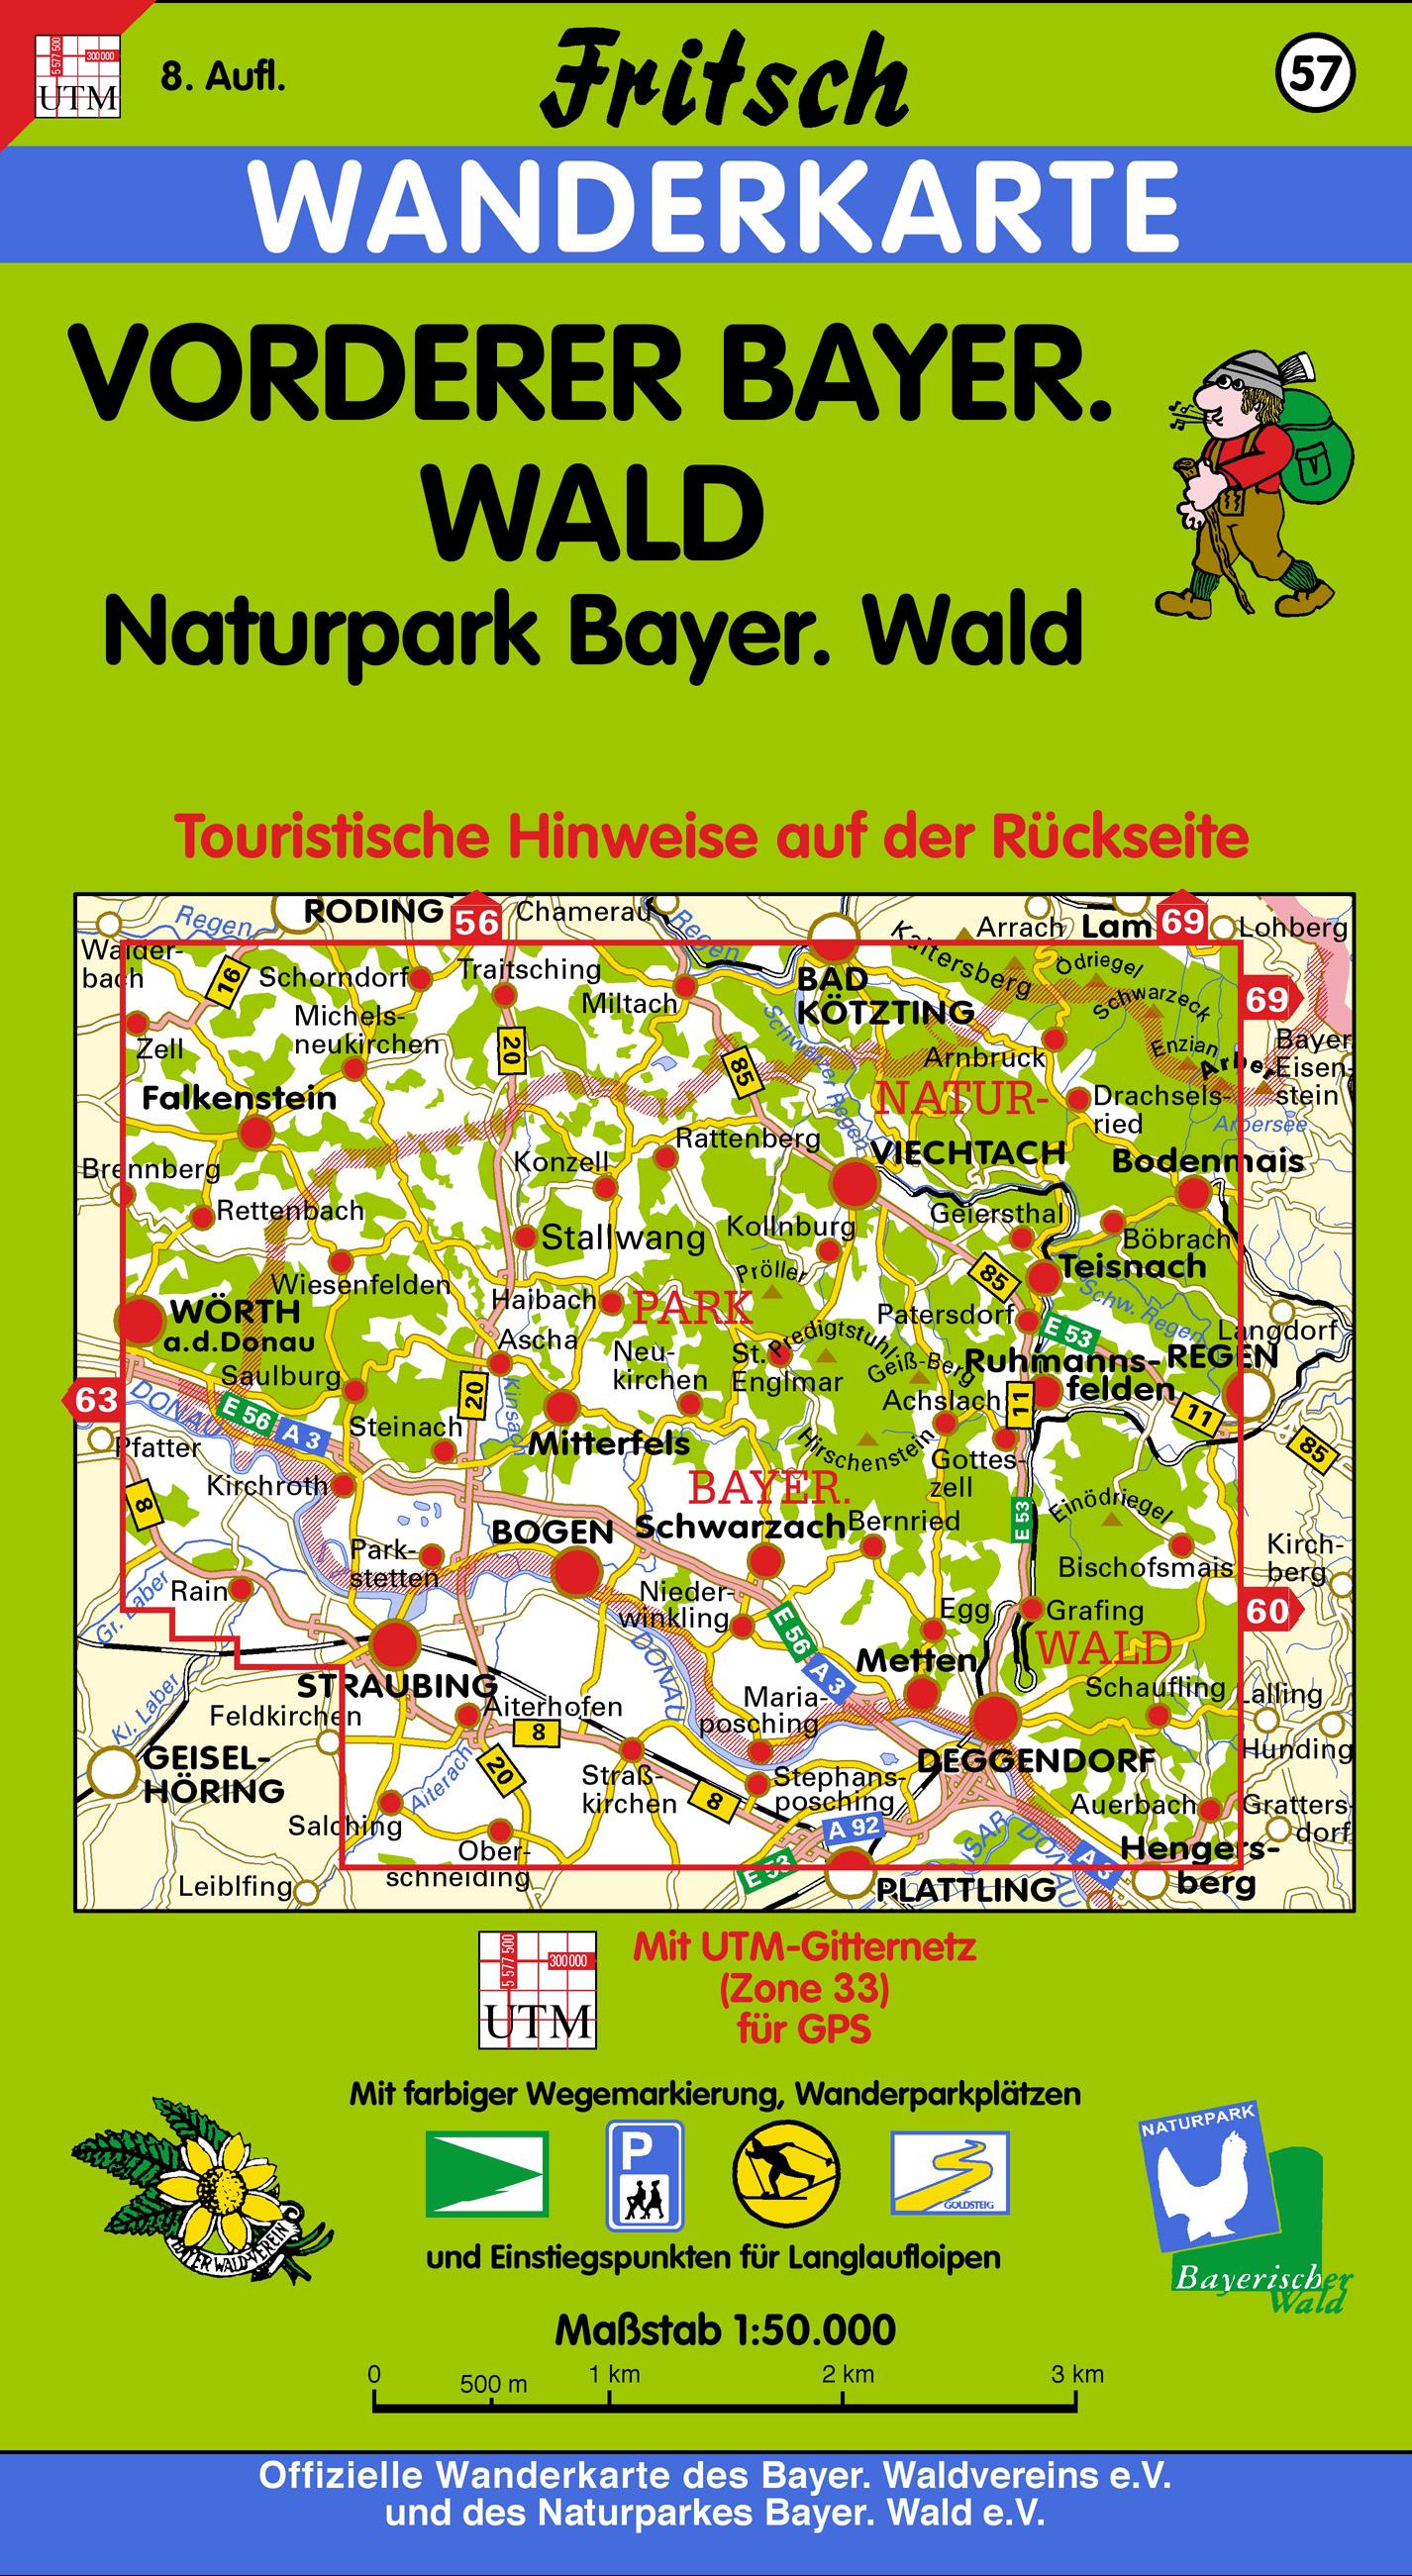 Wanderkarte Vorderer Bayerischer Wald. Foto: Fritsch